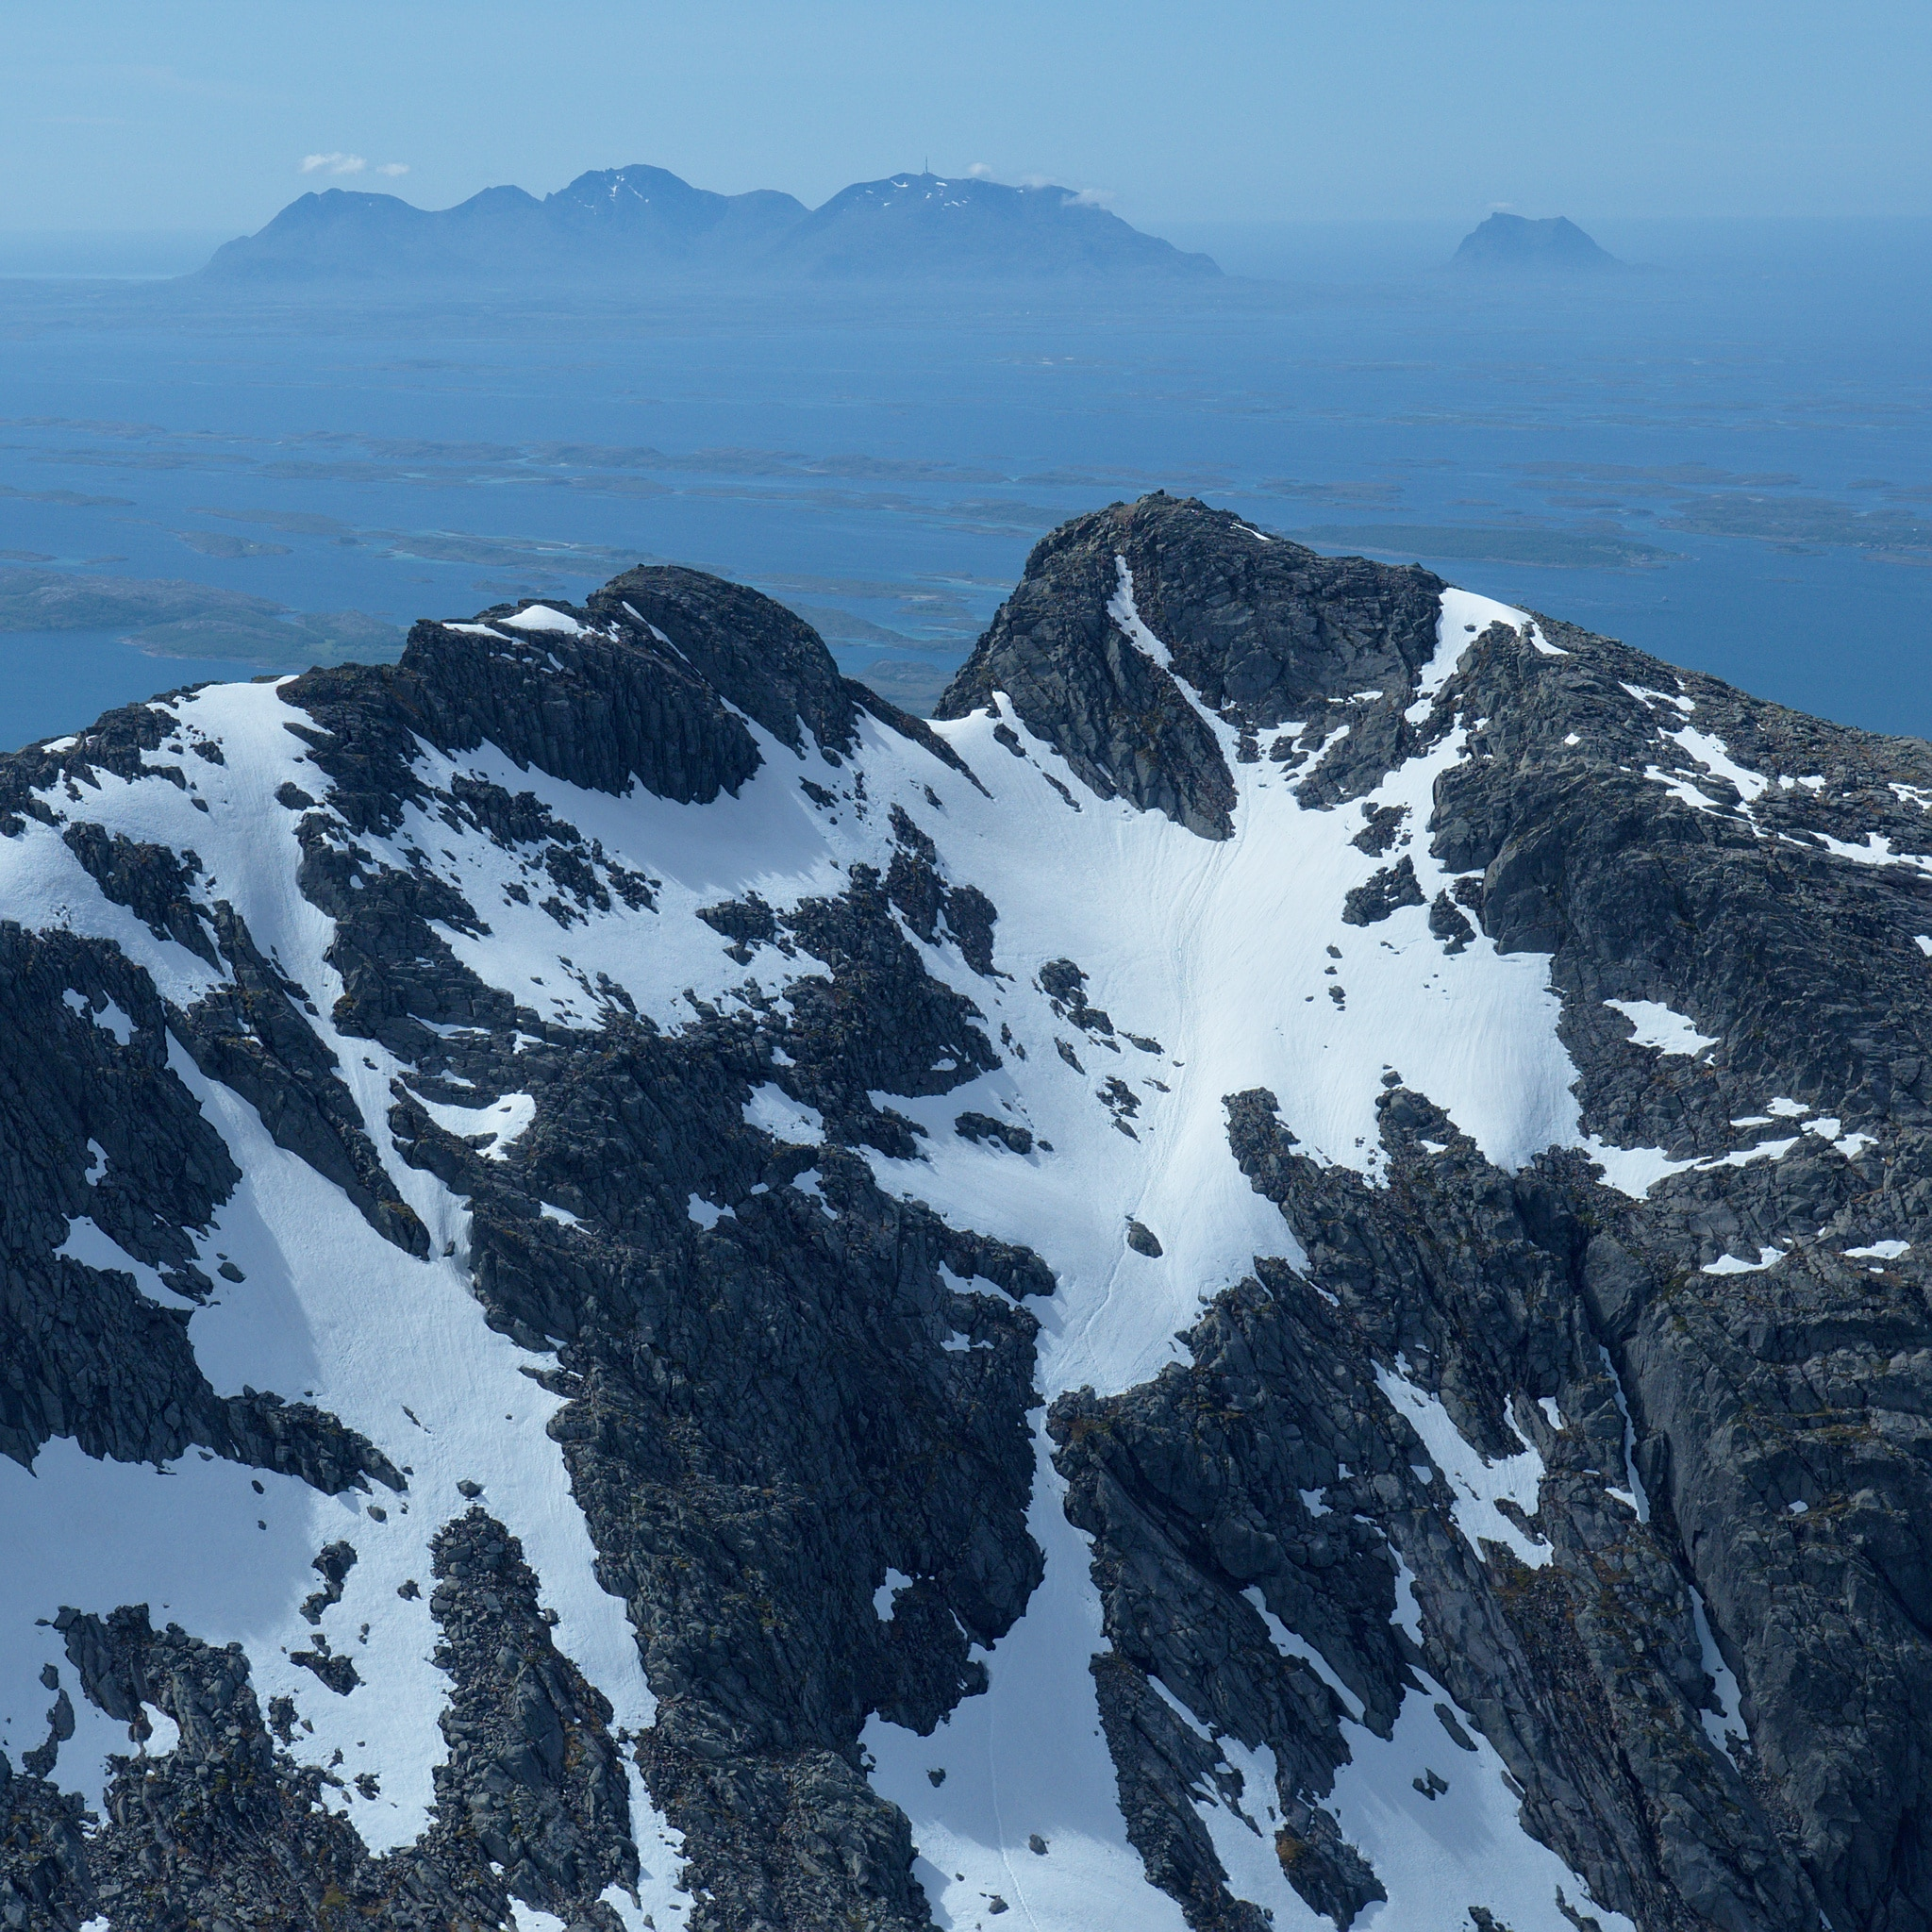 Toppen av Breidtind, sett fra Kvasstinden - ruten er synlig som spor i snøen